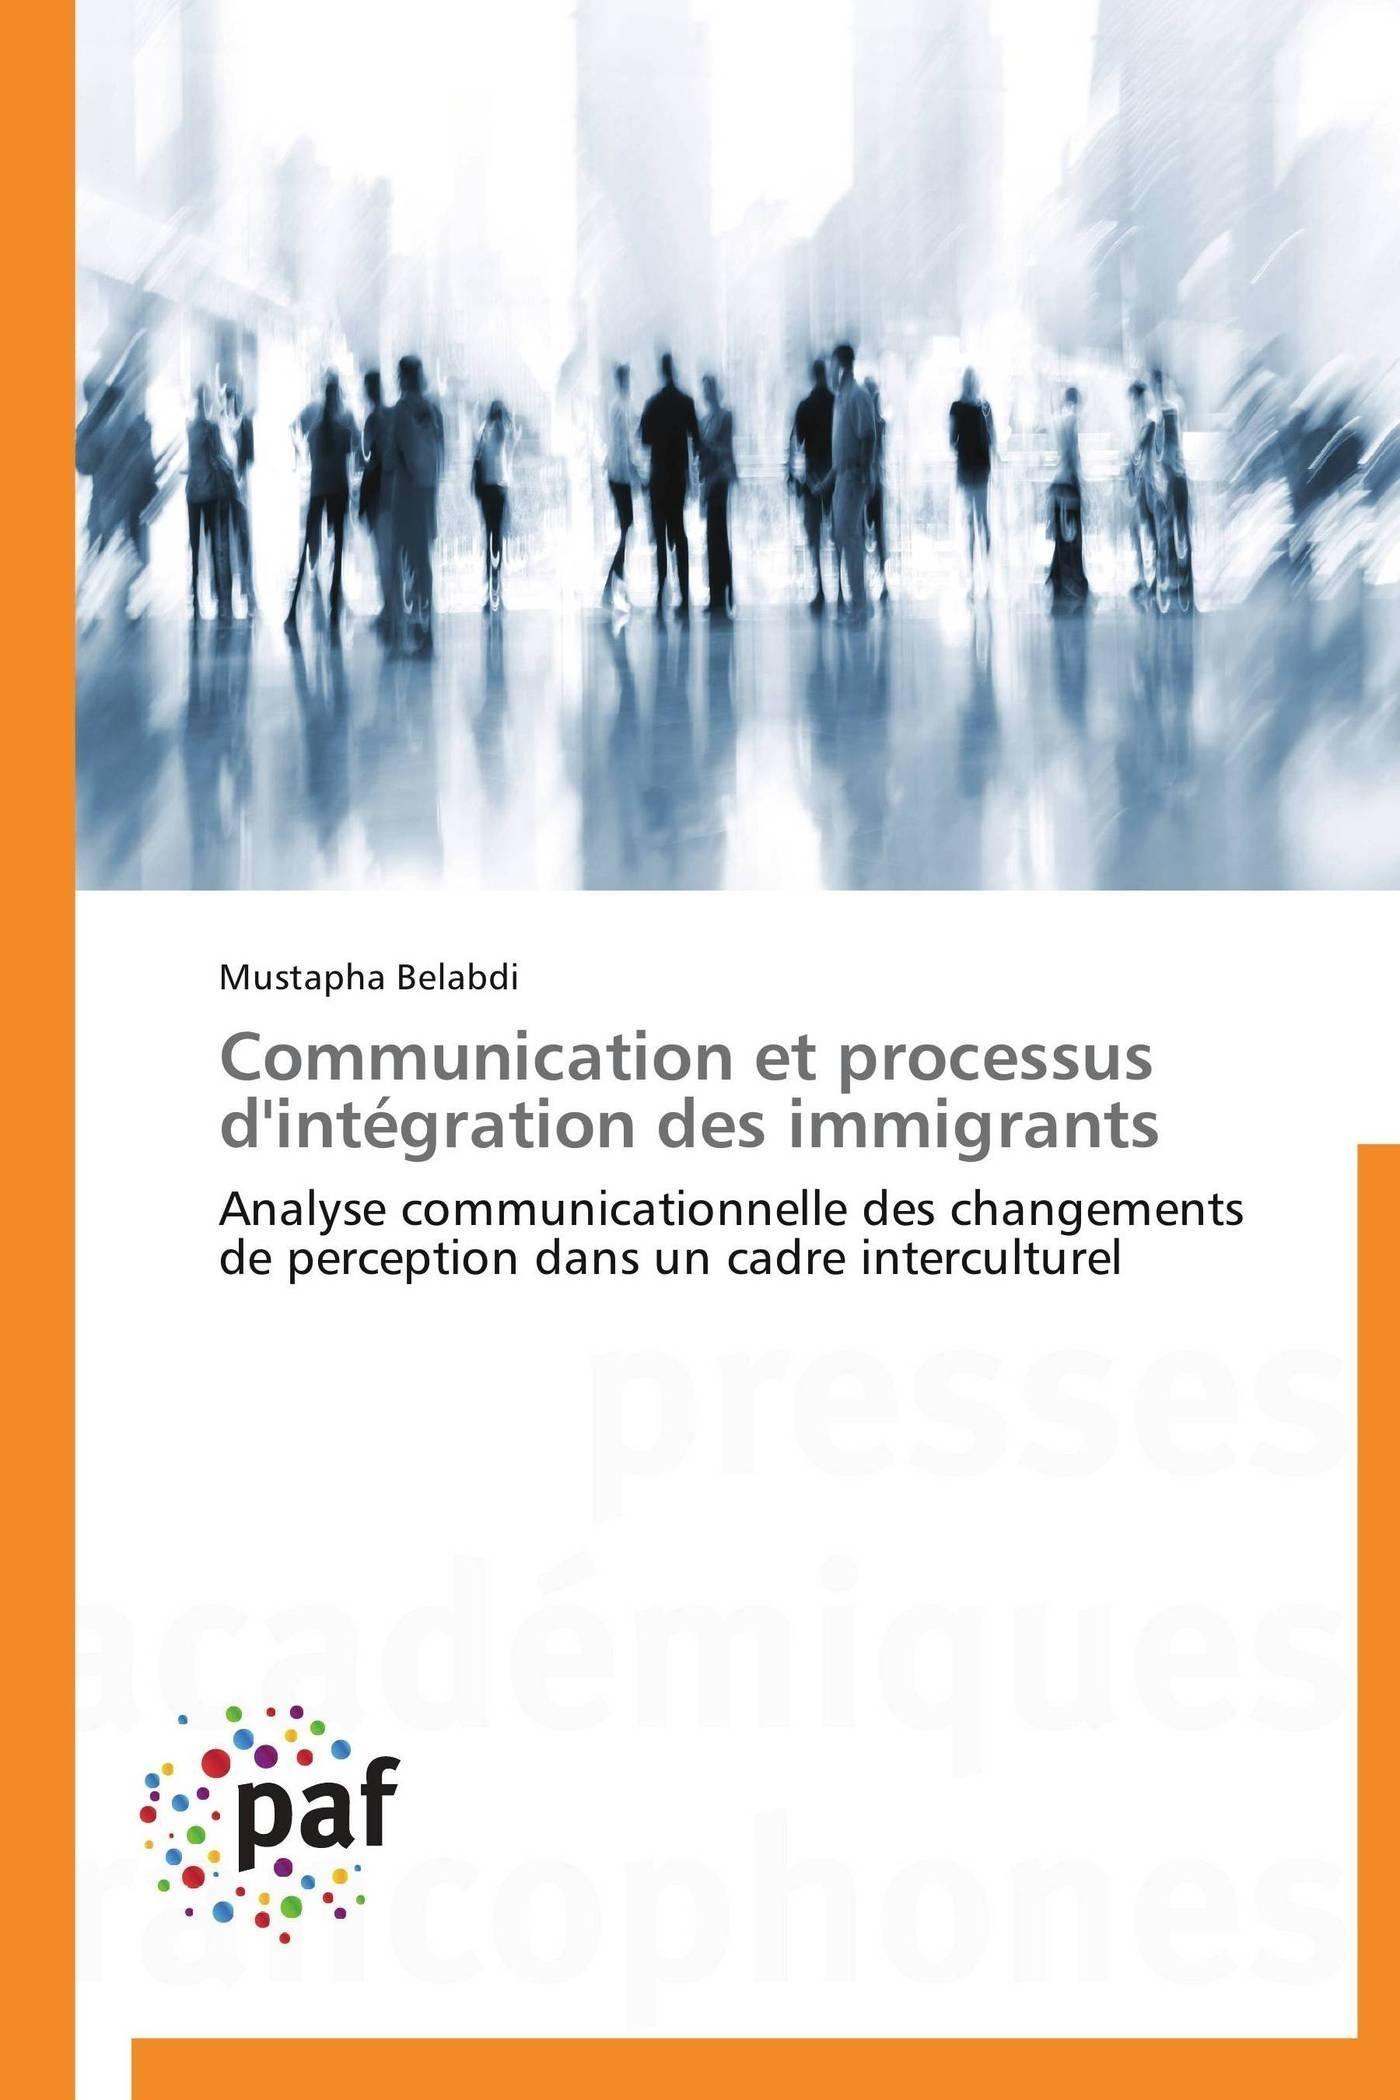 COMMUNICATION ET PROCESSUS D'INTEGRATION DES IMMIGRANTS